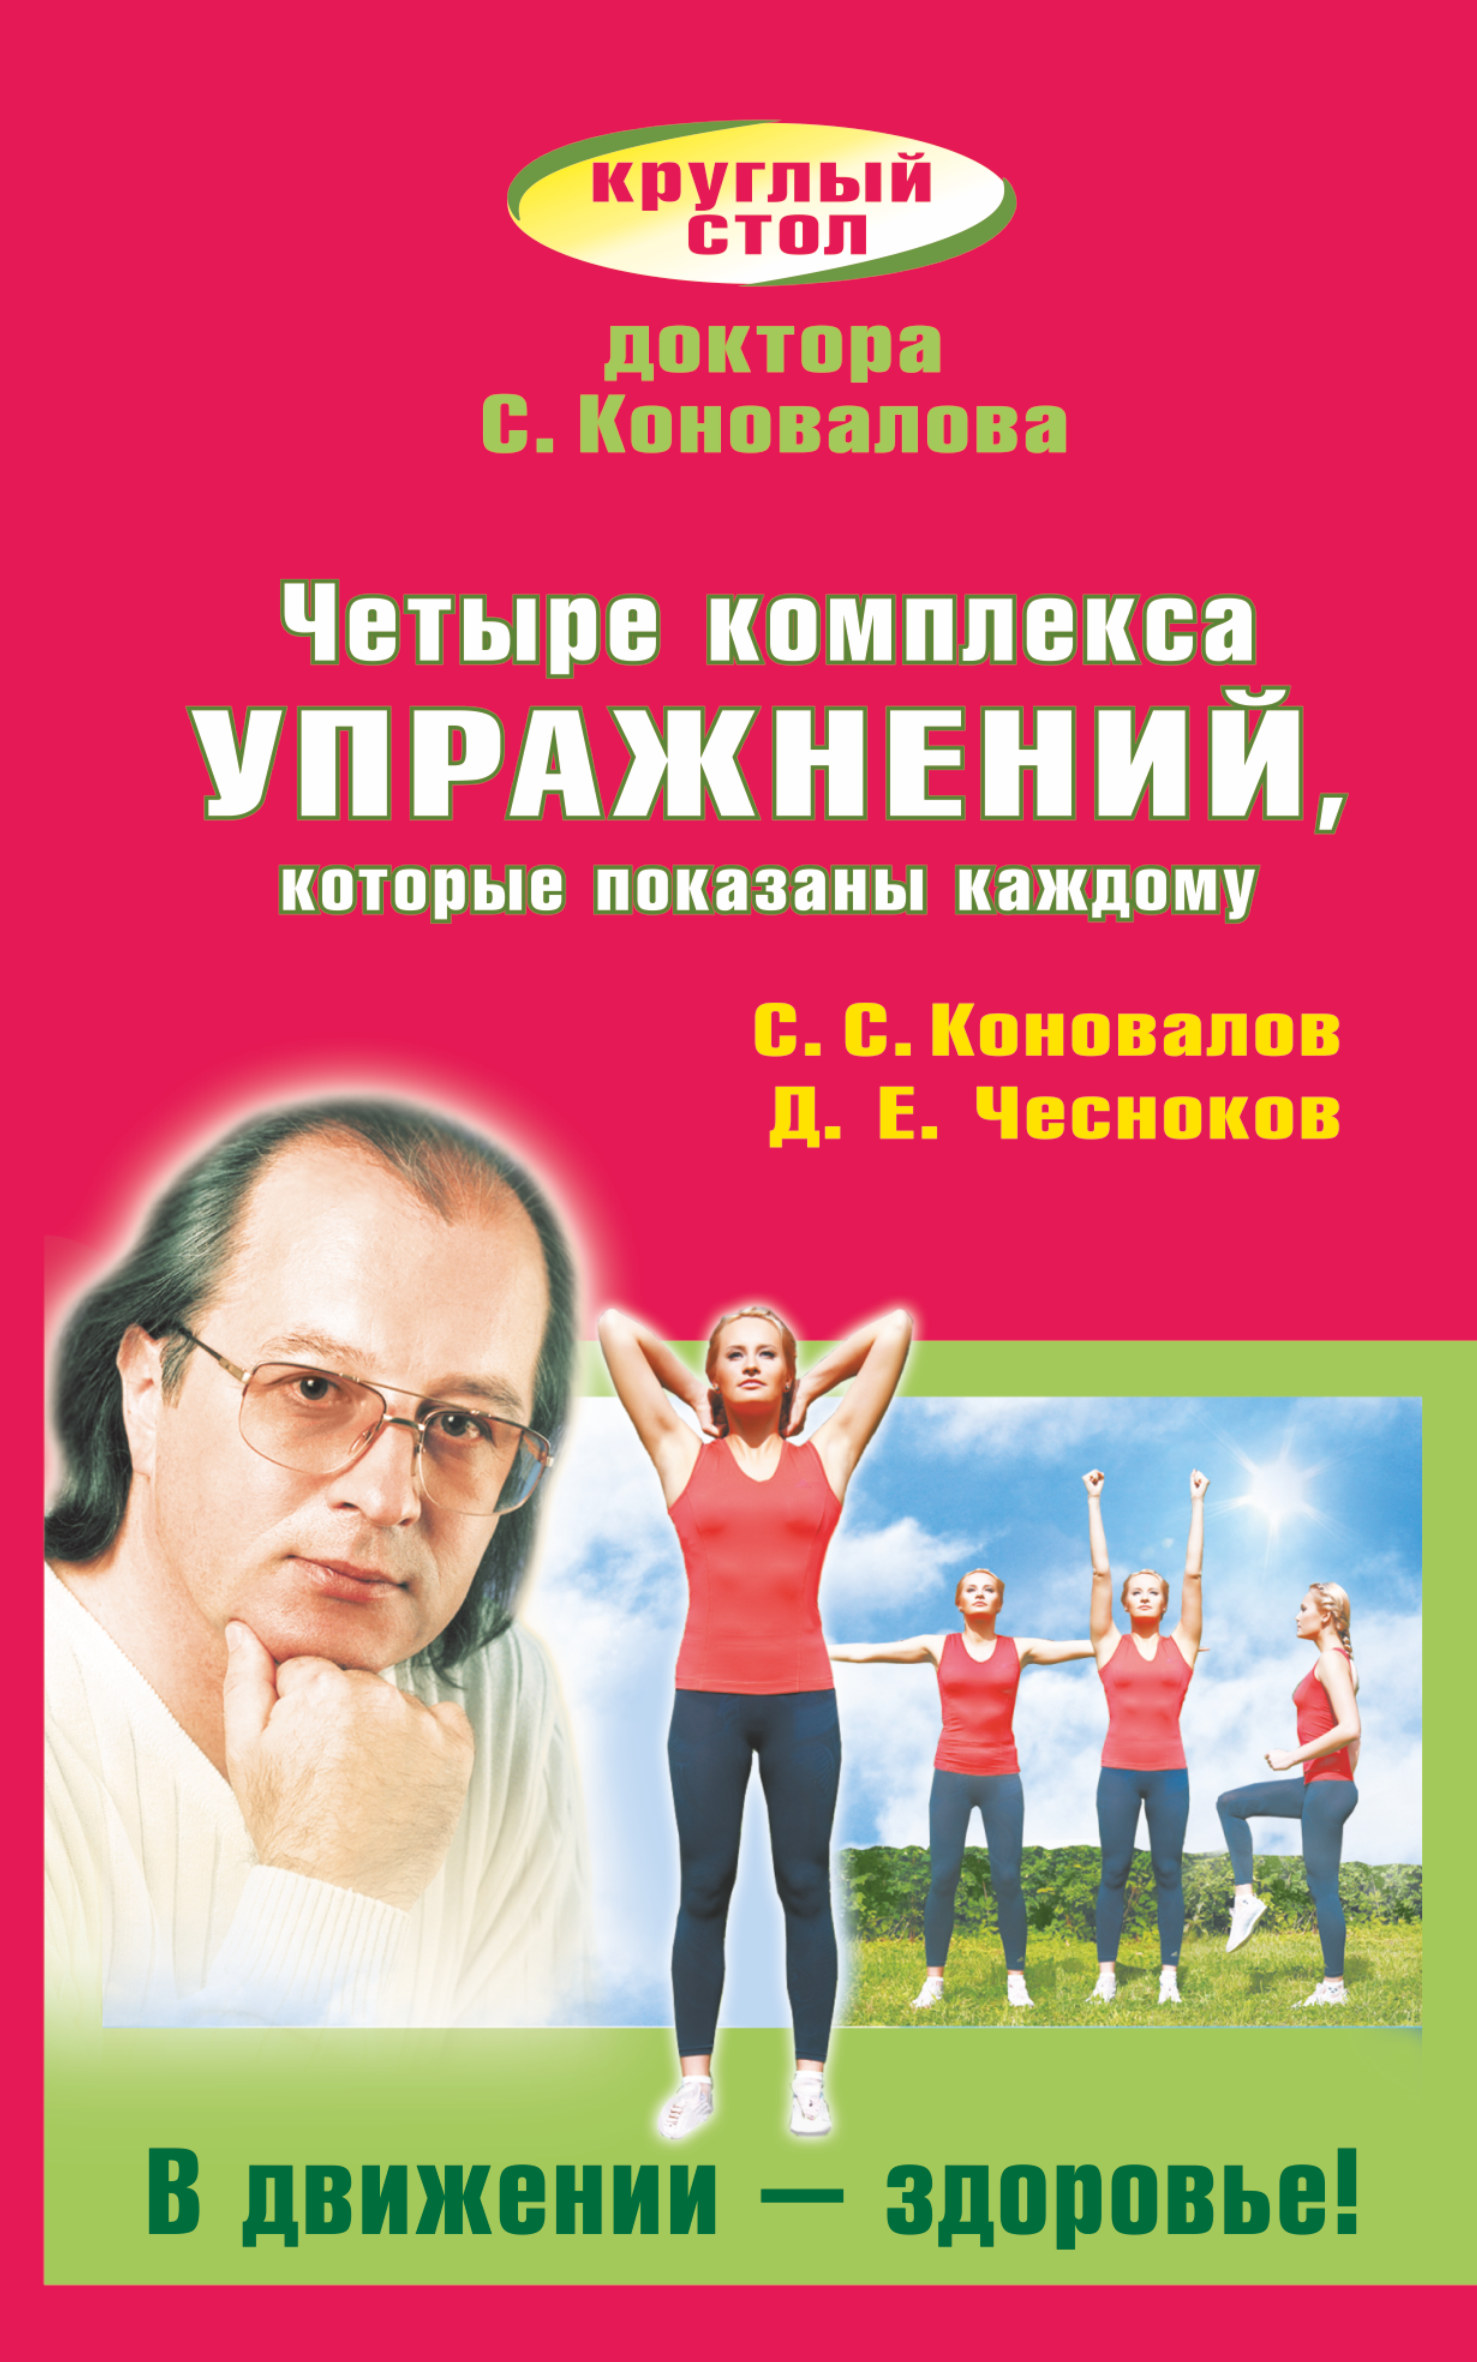 Четыре комплекса упражнений, которые показаны каждому. В движении - здоровье! ( Коновалов С.С.,Чесноков Д.Е.  )